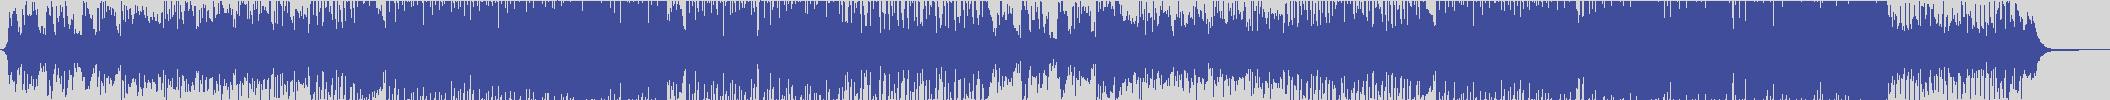 smilax_dig_records [Smilax_X448DIG] Karmin Shiff, Juliana Pasini - Zumba Samba [Original Radio Edit] audio wave form